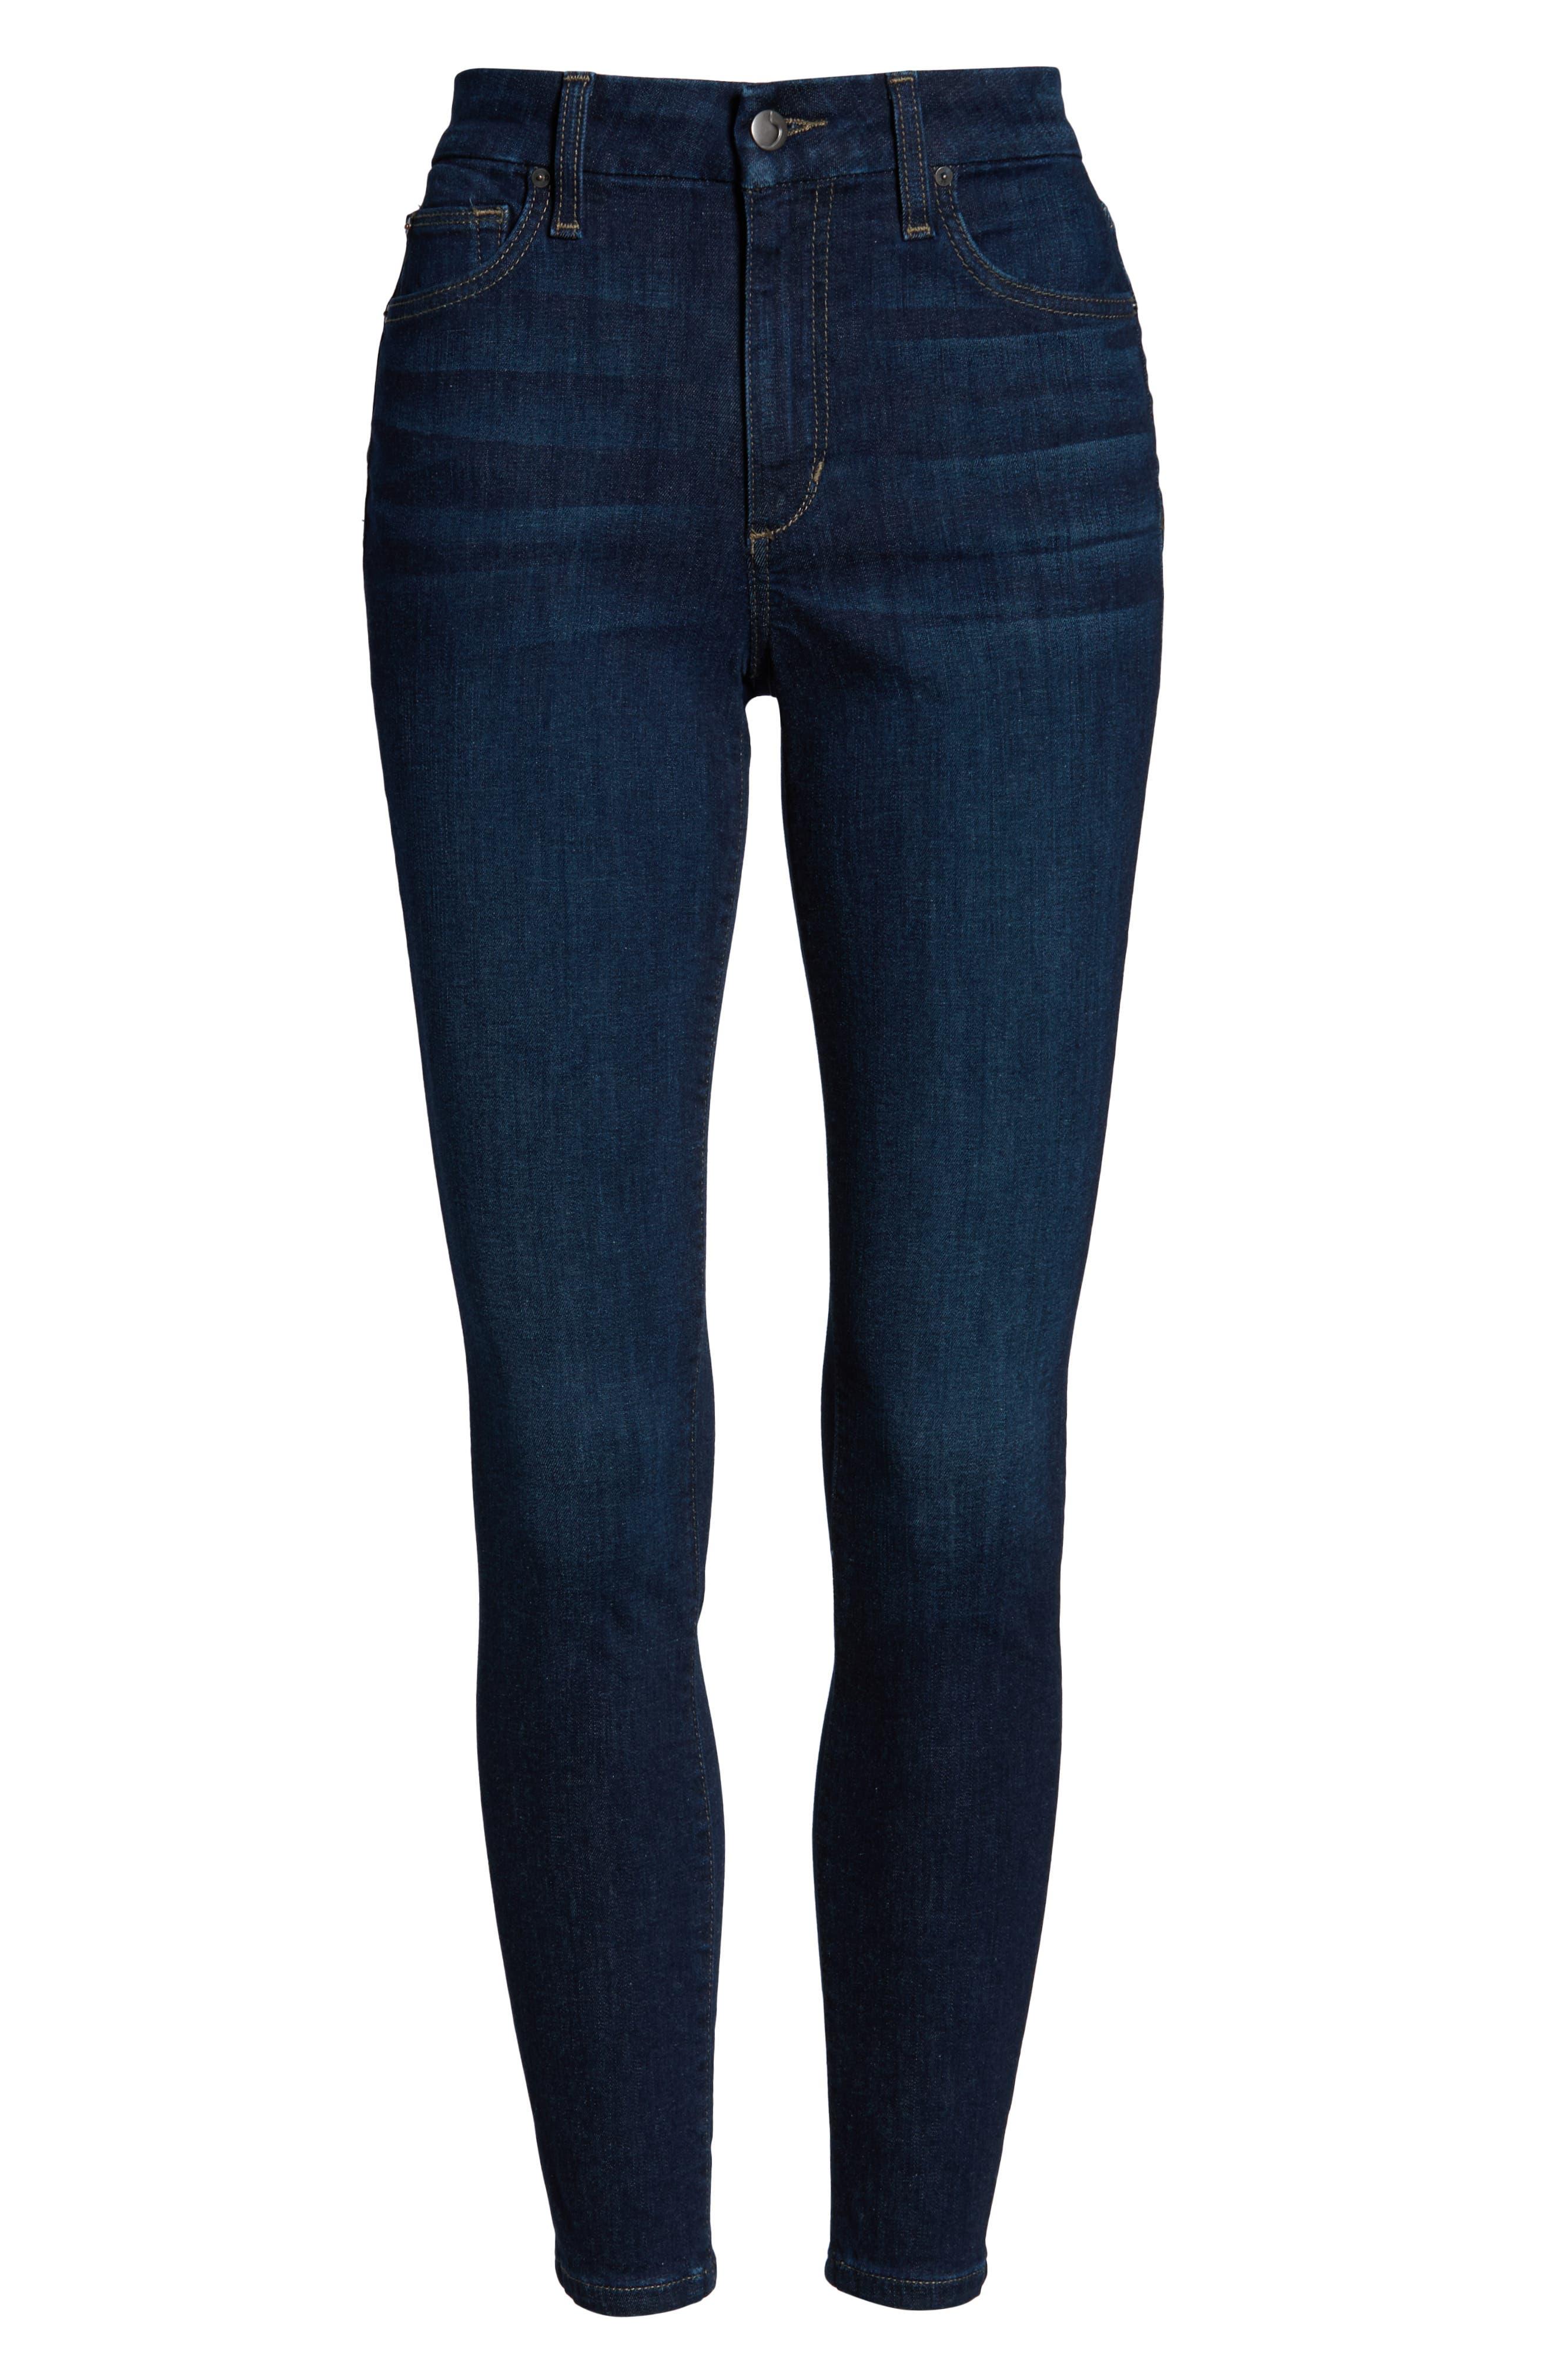 JOE'S, Honey High Waist Ankle Skinny Jeans, Alternate thumbnail 5, color, BRITT